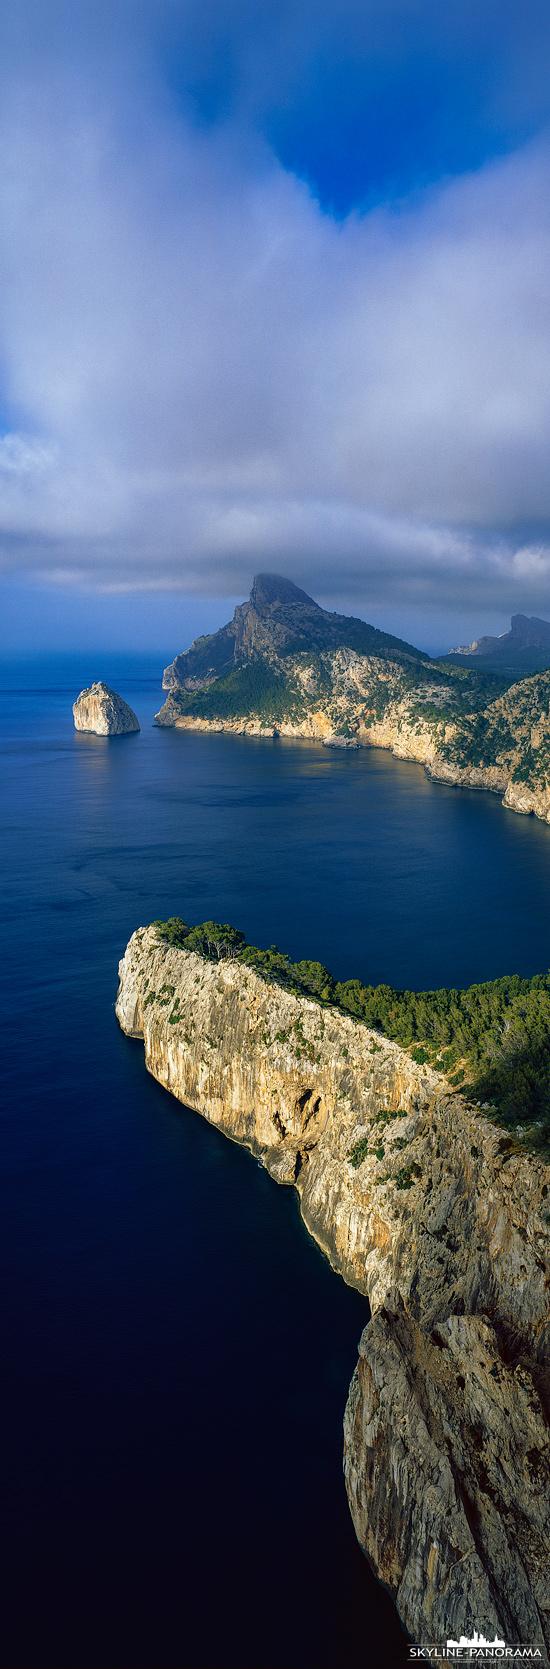 Das Cap de Formentor gehört zu den beliebtesten Ausflugszielen auf Mallorca, es ist die nordöstlichste Spitze der spanischen Mittelmeerinsel und gut mit dem Auto zu erreichen.  Hier ist die markante Felsenküste der Halbinsel Formentor als vertikales Panorama zu sehen, bereits bei der Ankunft mit dem Flugzeug ist sie oft deutlich zu erkennen.